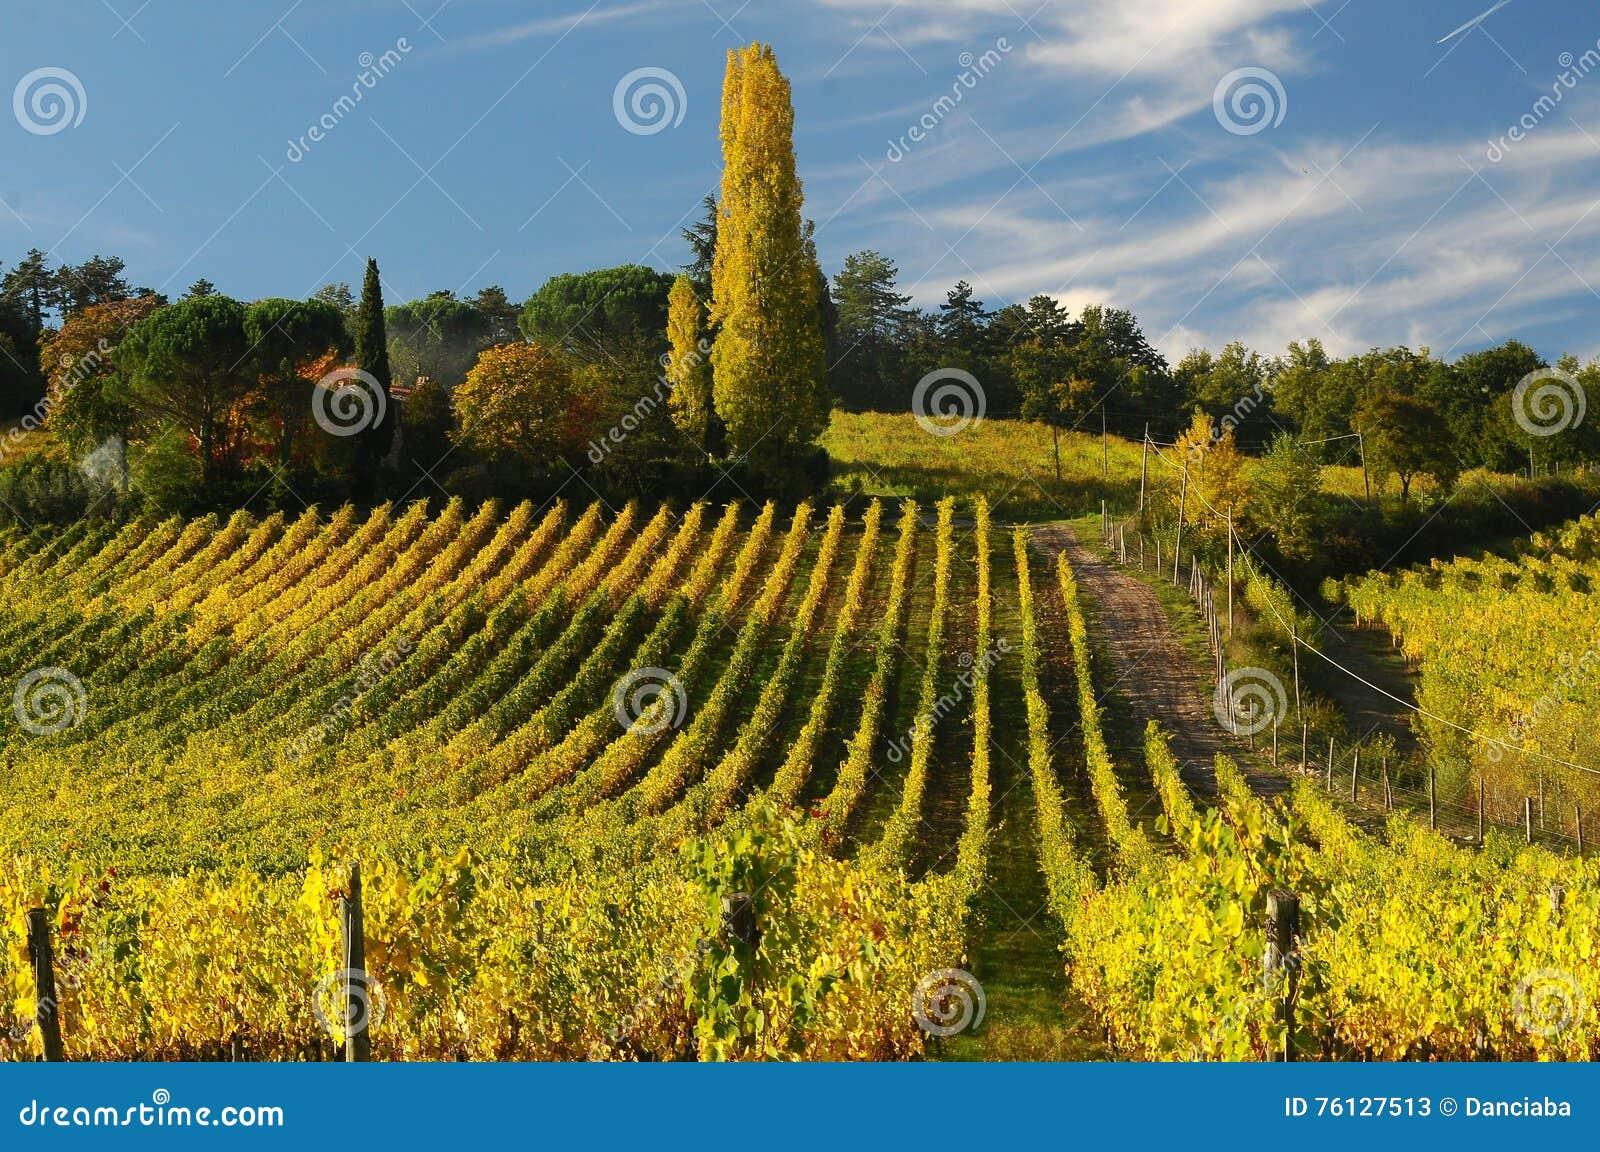 Wineyards in Tuscany, Chianti, Italy